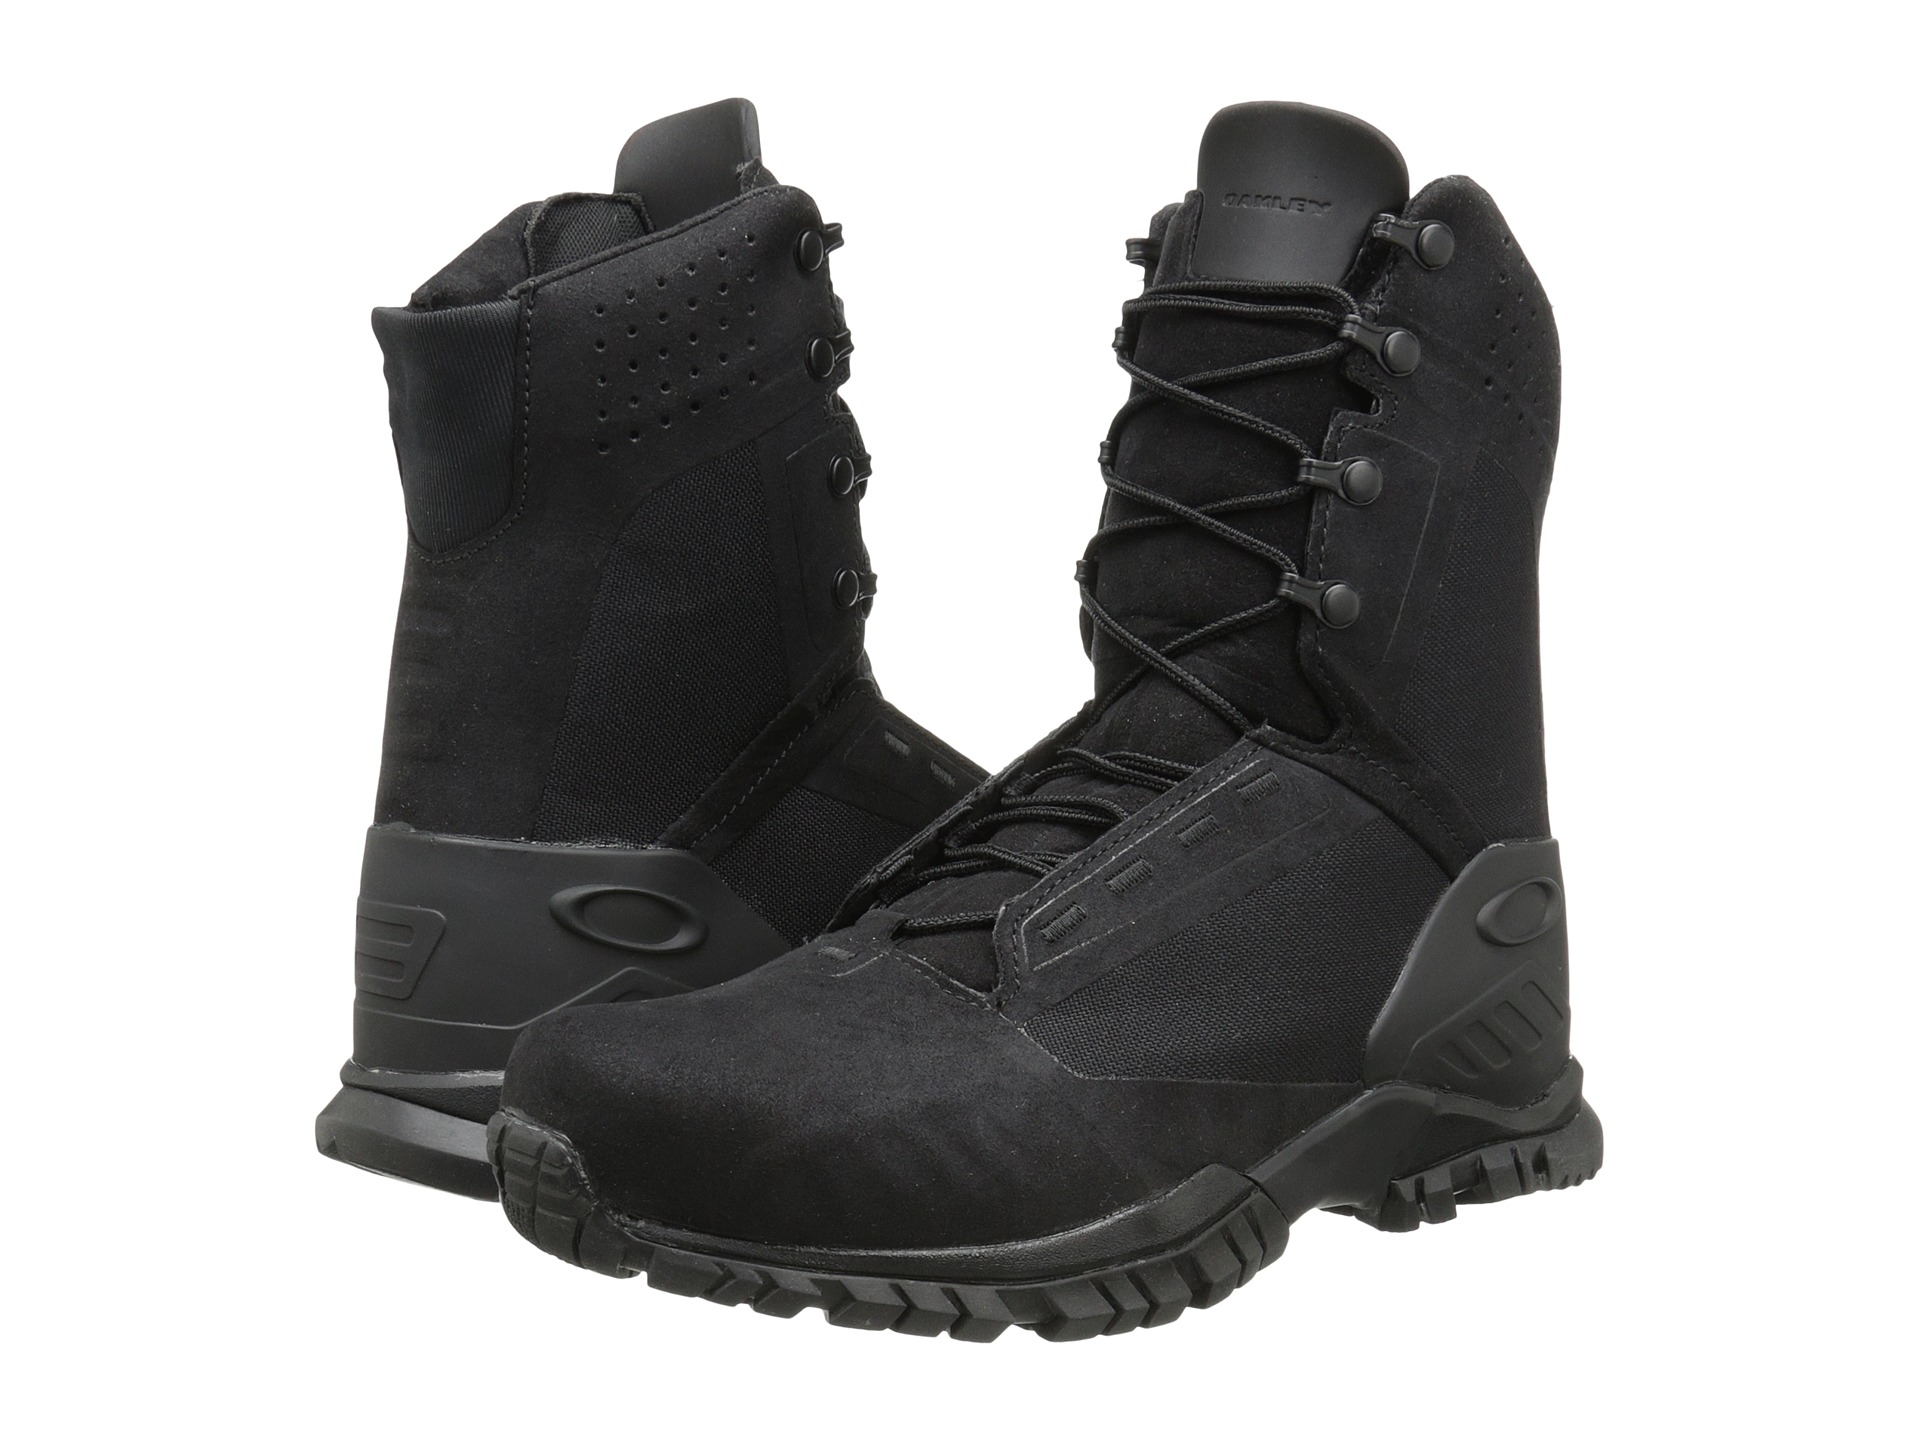 Oakley Lsa Terrain Boot